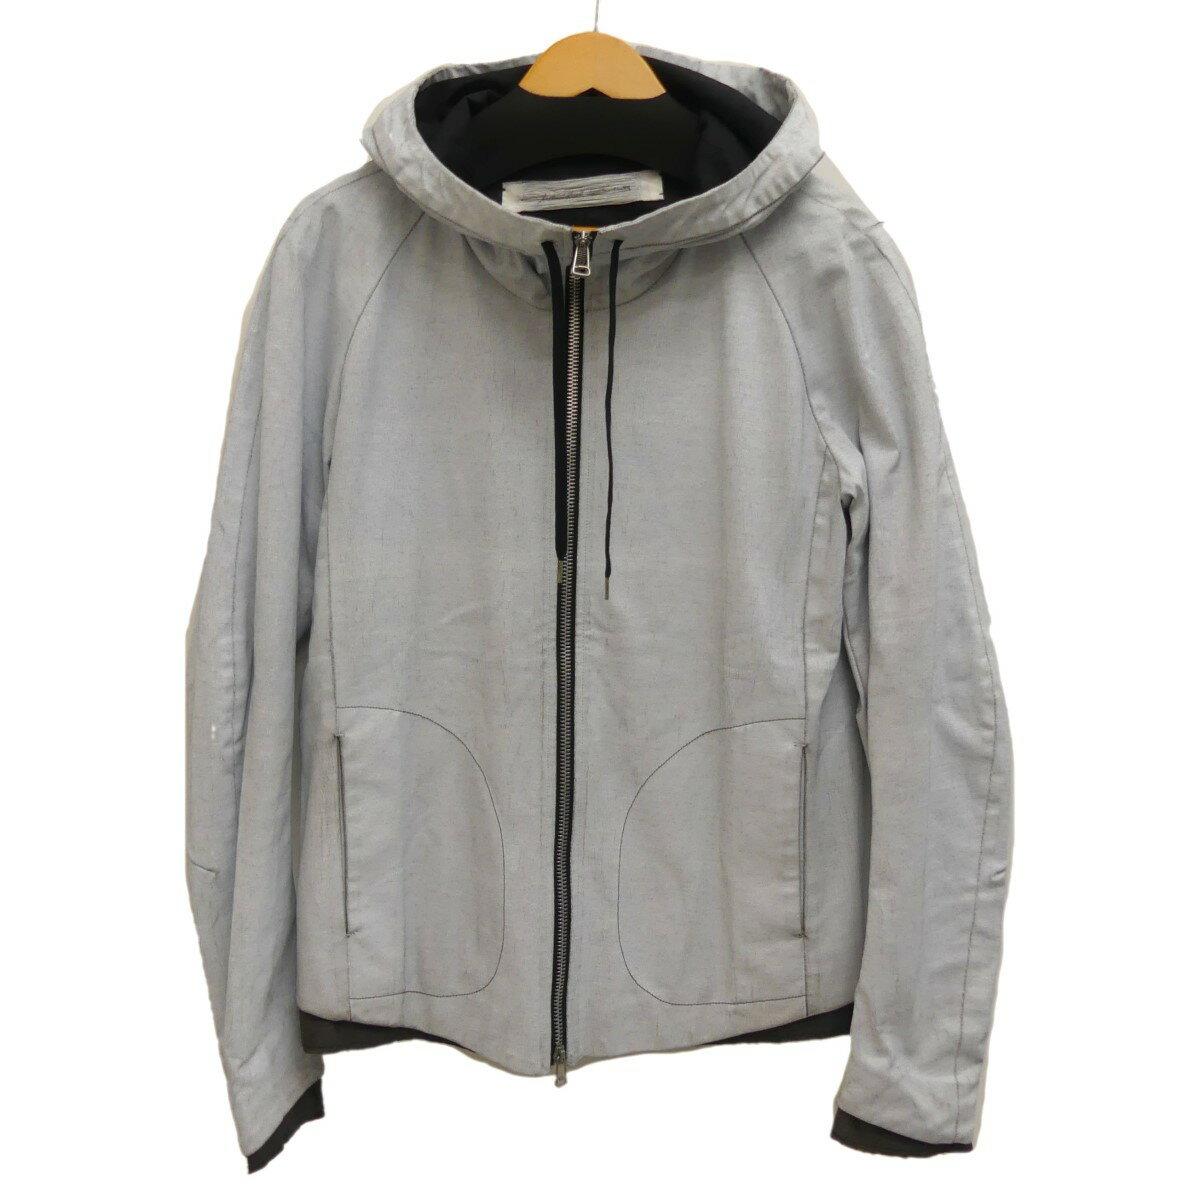 メンズファッション, コート・ジャケット individual sentiments 0 051020individual sentiments